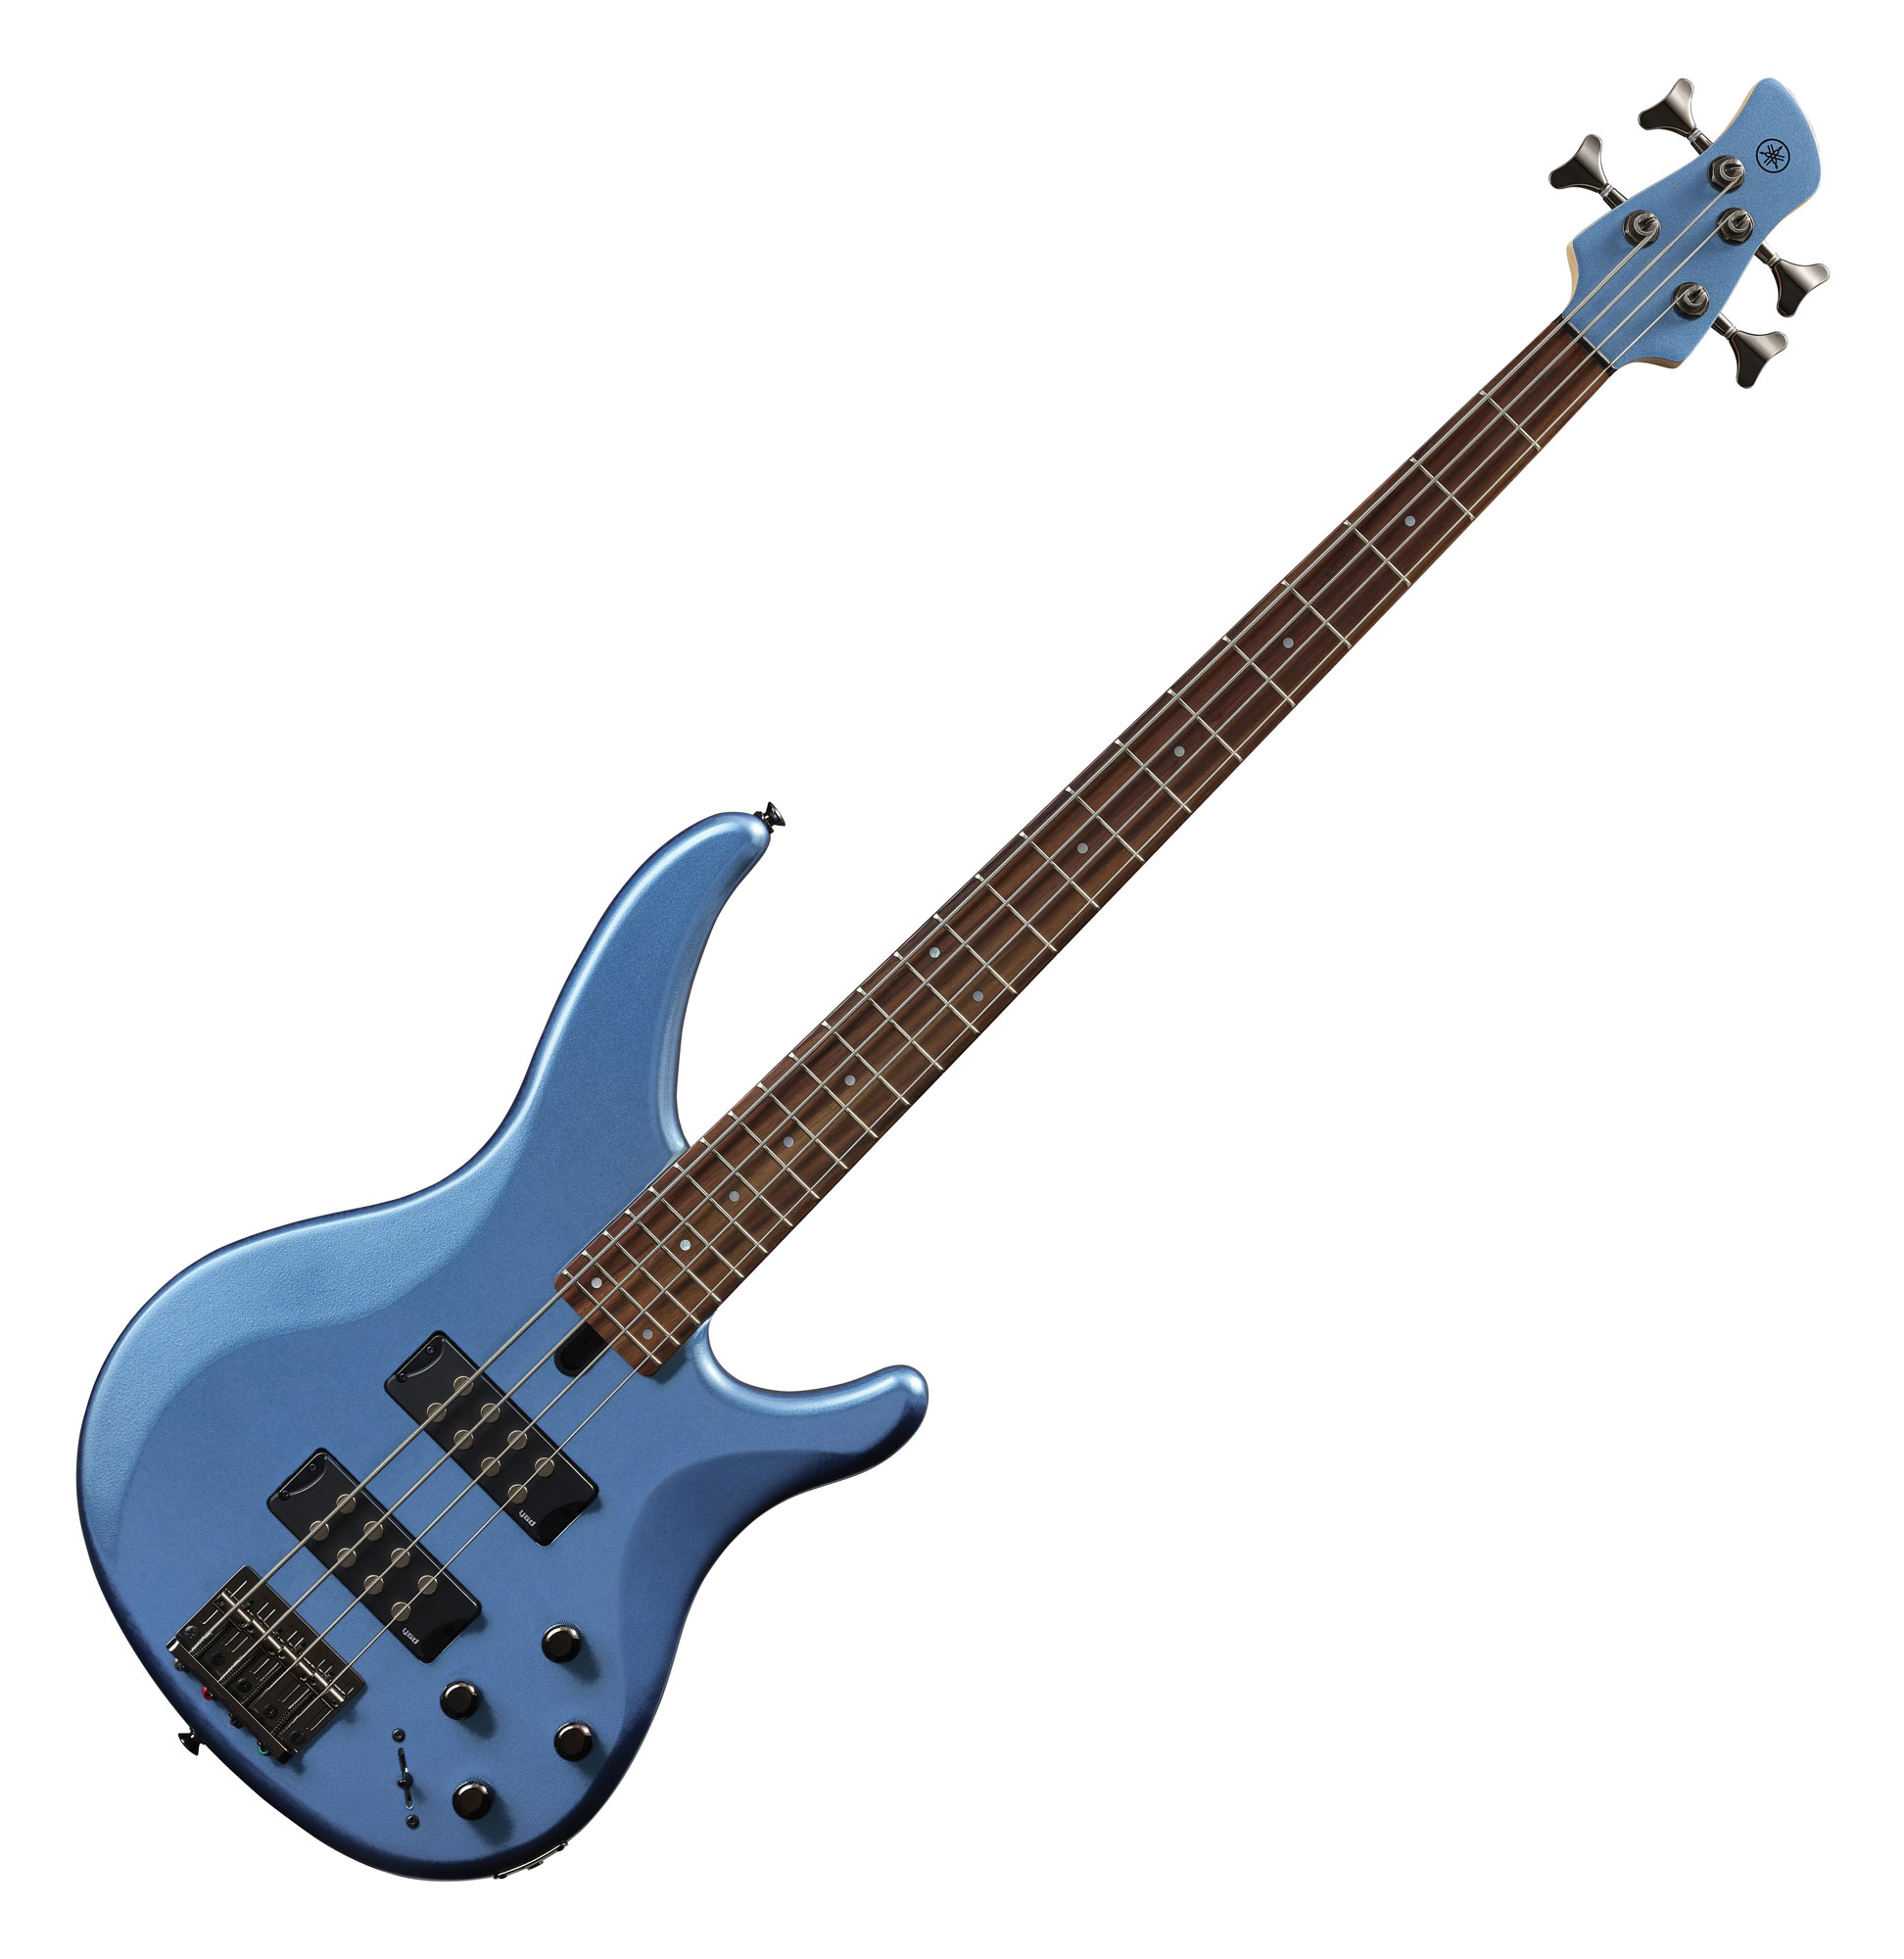 Ebaesse - Yamaha TRBX 304 FB E Bass - Onlineshop Musikhaus Kirstein